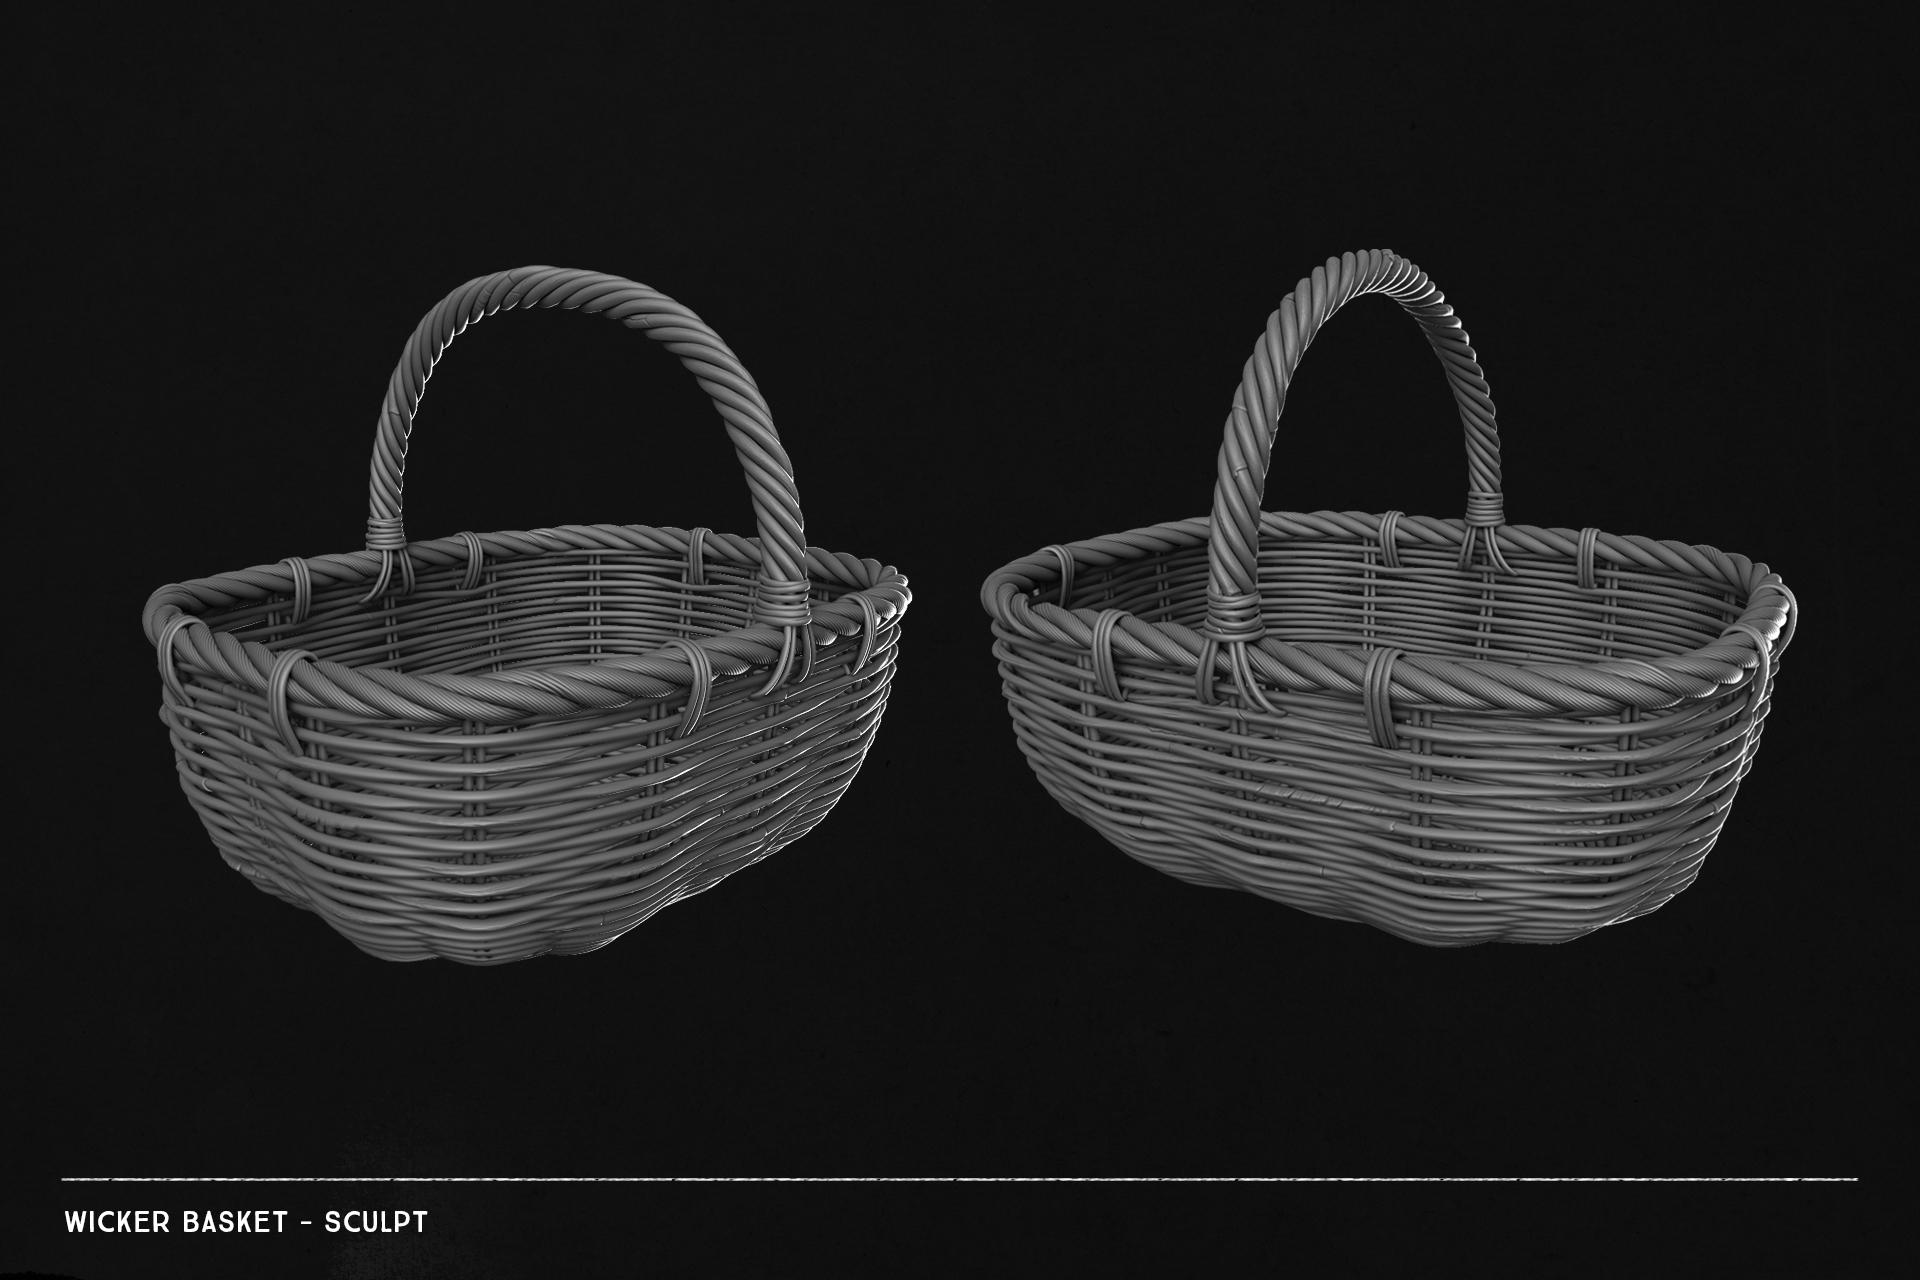 wicker_basket_sculpt.jpg